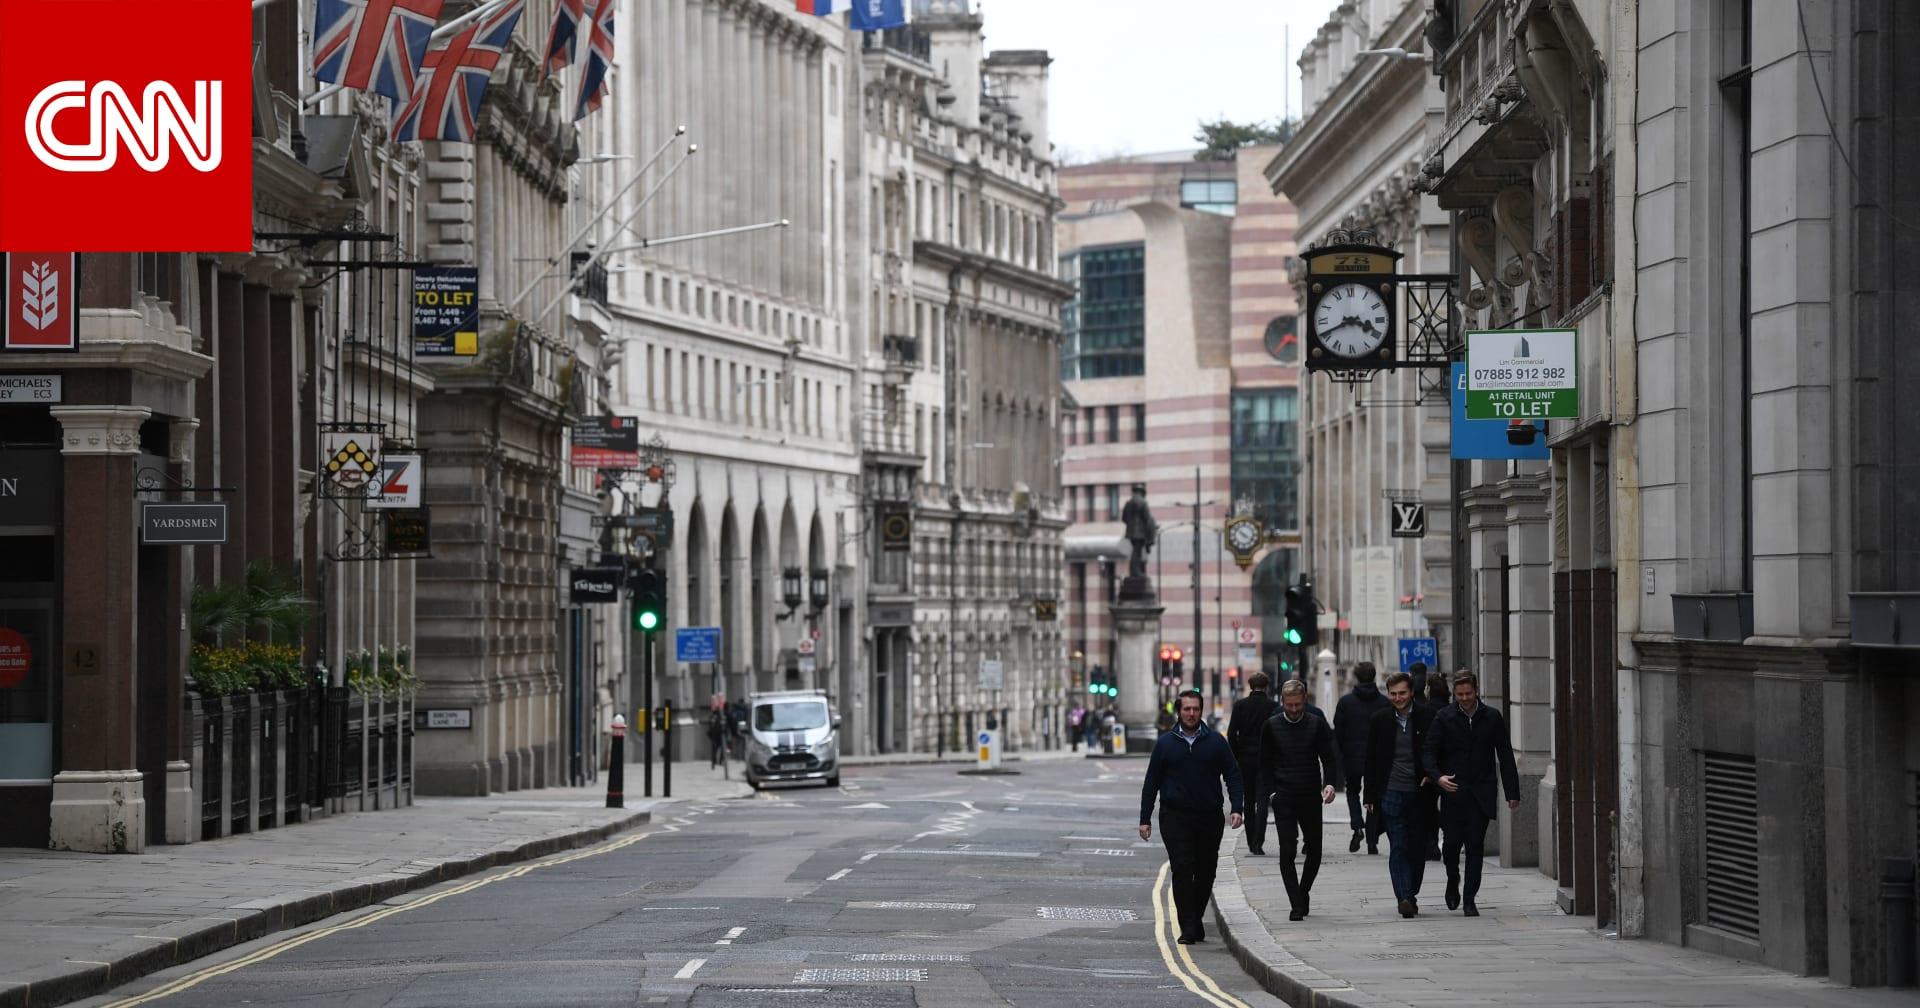 بريطانيا تستعد لرفع قيود كورونا في 19 يوليو على الرغم من انتشار متغير دلتا